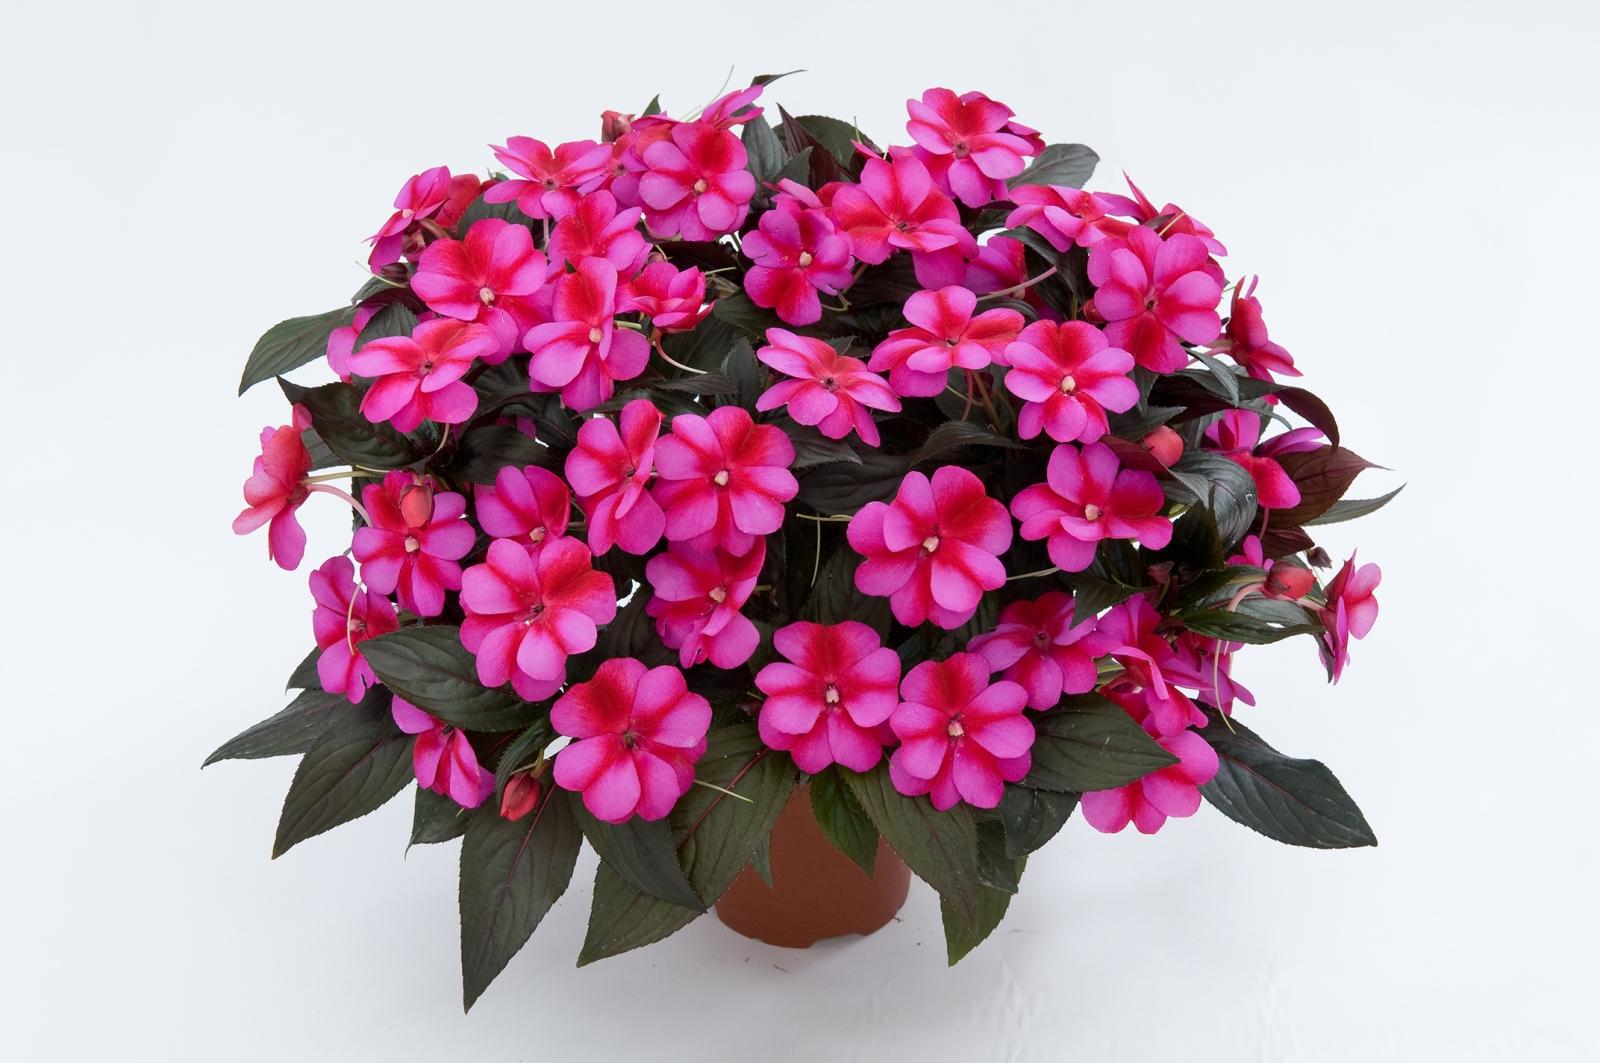 گل پامچال ، رازهای نگهداری از این گیاه گلدار بهشتی!